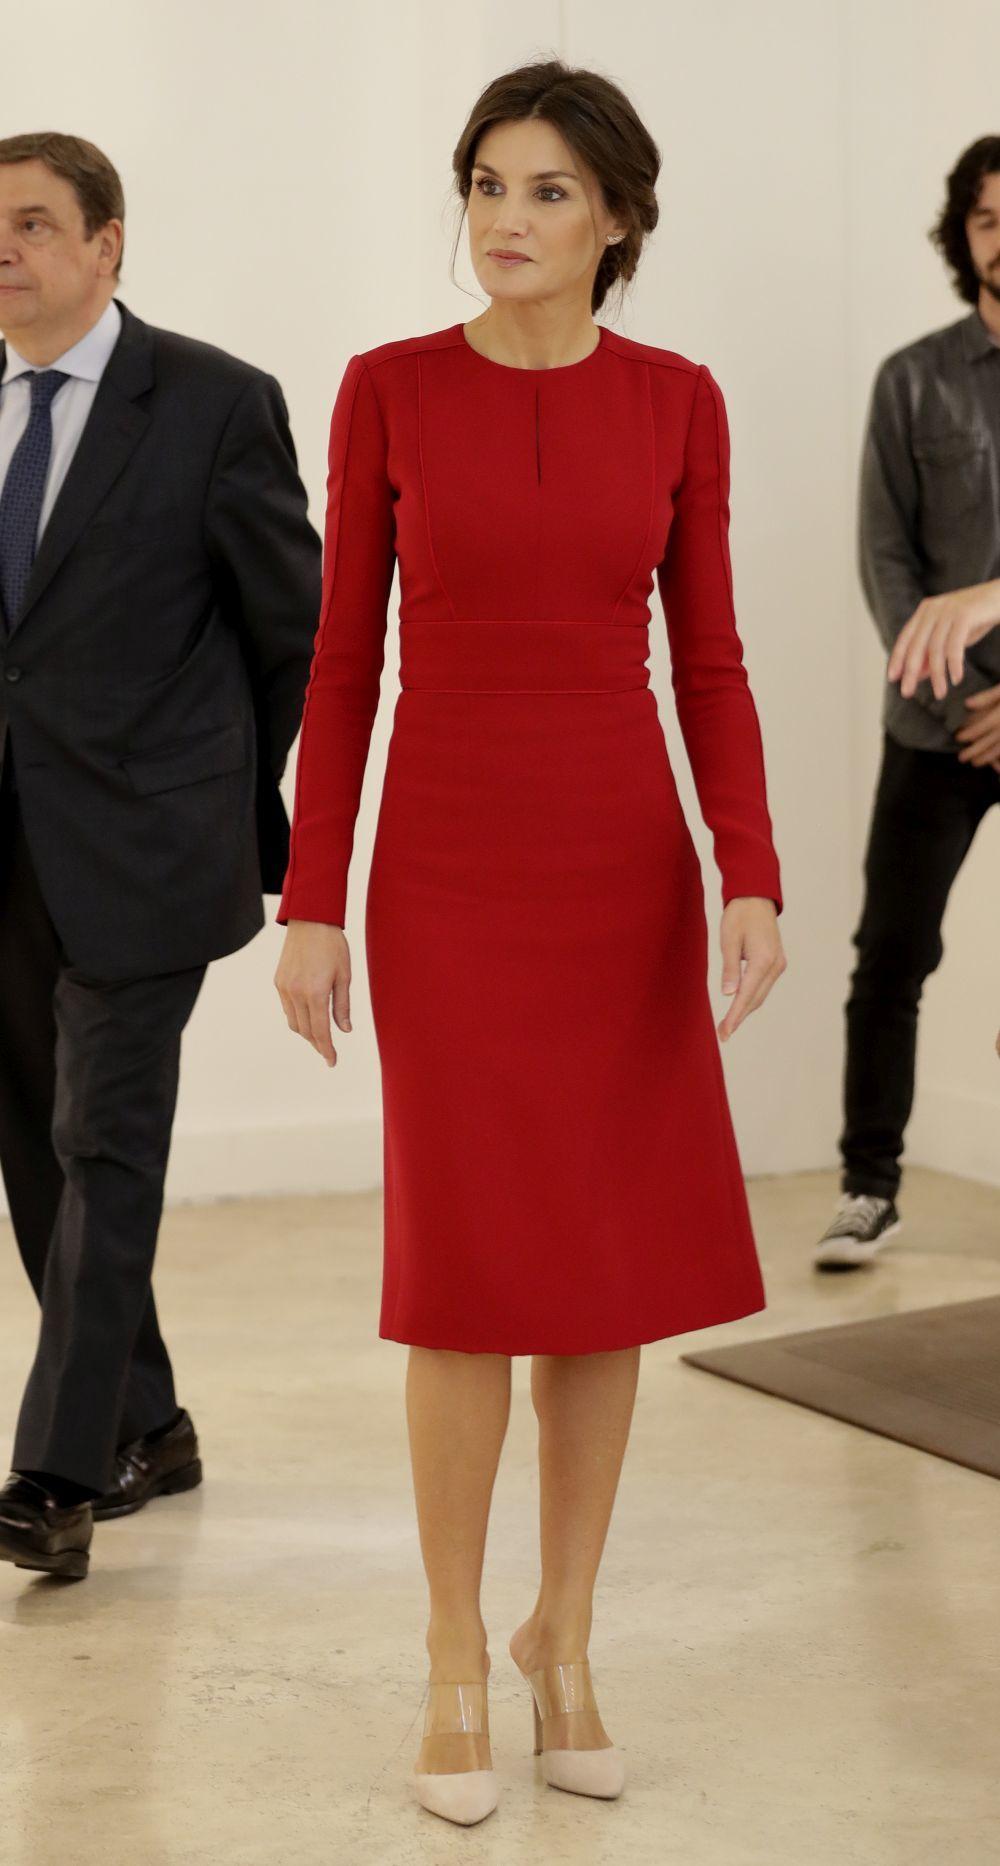 Un vestido rojo de Carolina Herrera ha sido la apuesta de la reina...